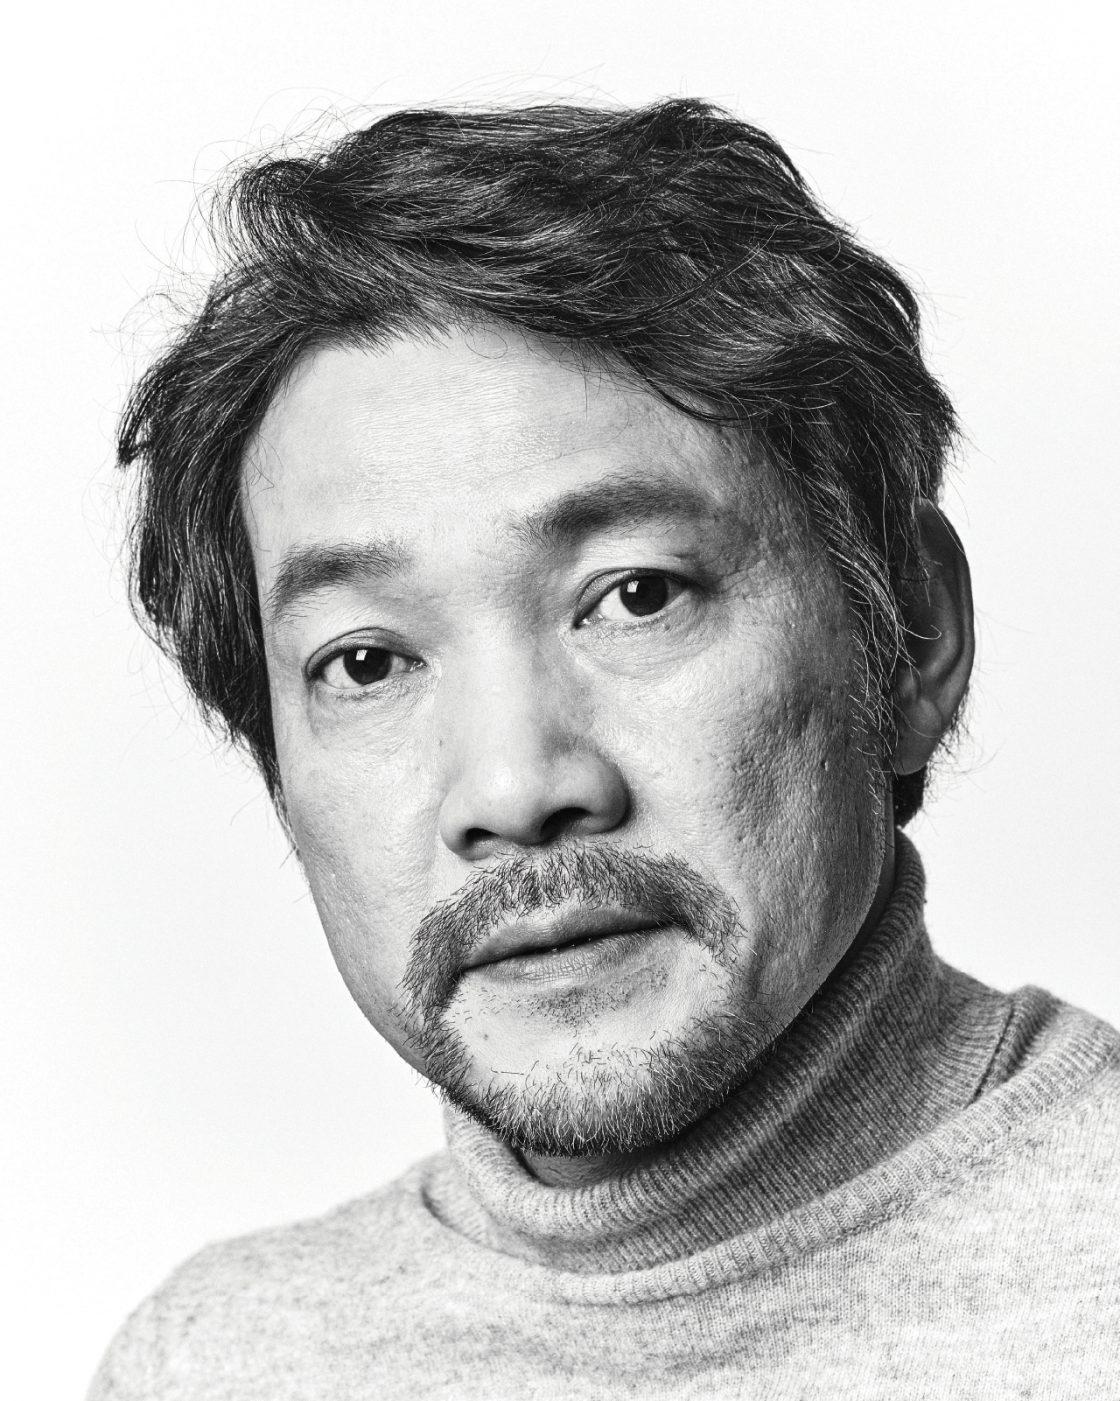 정진영은 지금 예술가로 살고 있는지 스스로 묻는다 - 에스콰이어 Esquire Korea 2017년 1월호